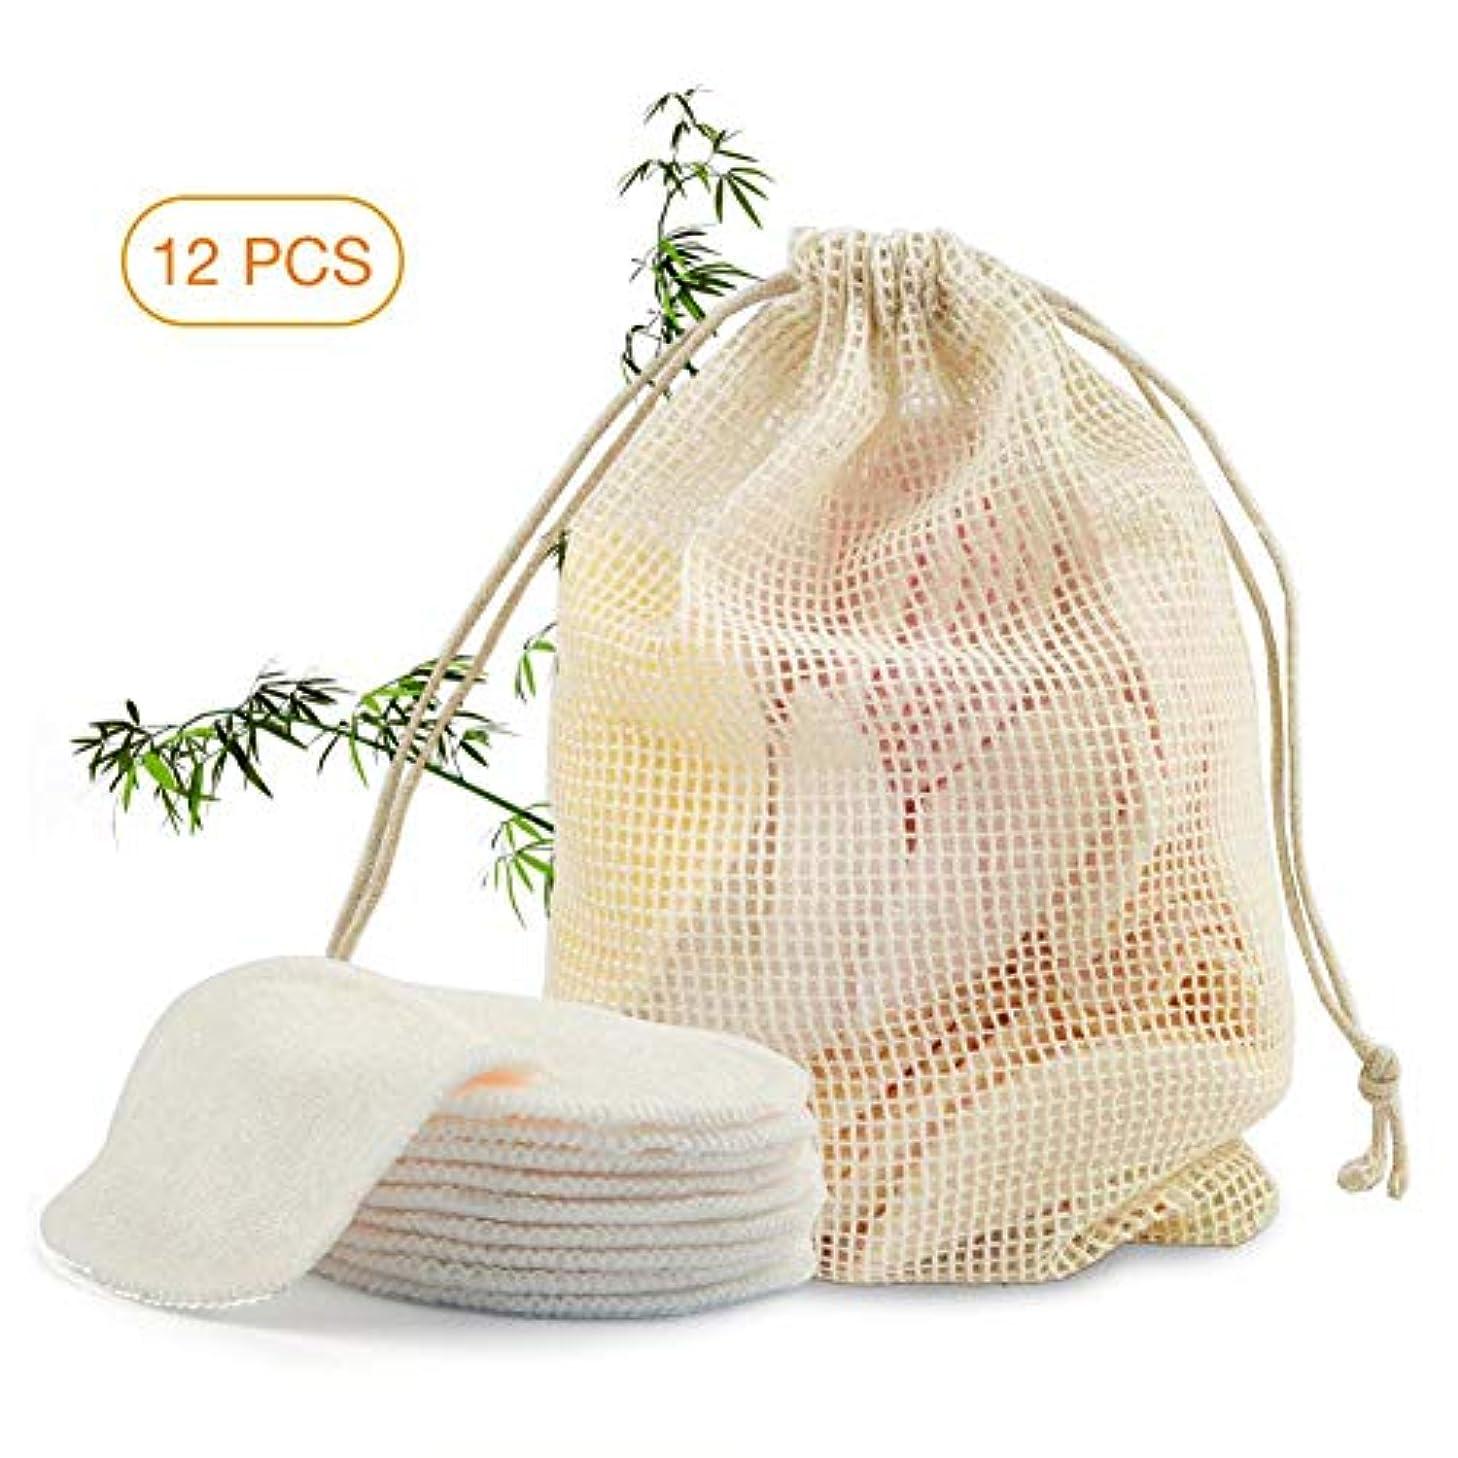 マサッチョ生き残りますベースクレンジングシート 天然繊維素材 柔らかい バッグ付き 安全 非毒性 再利用可能 交換可能 旅行用